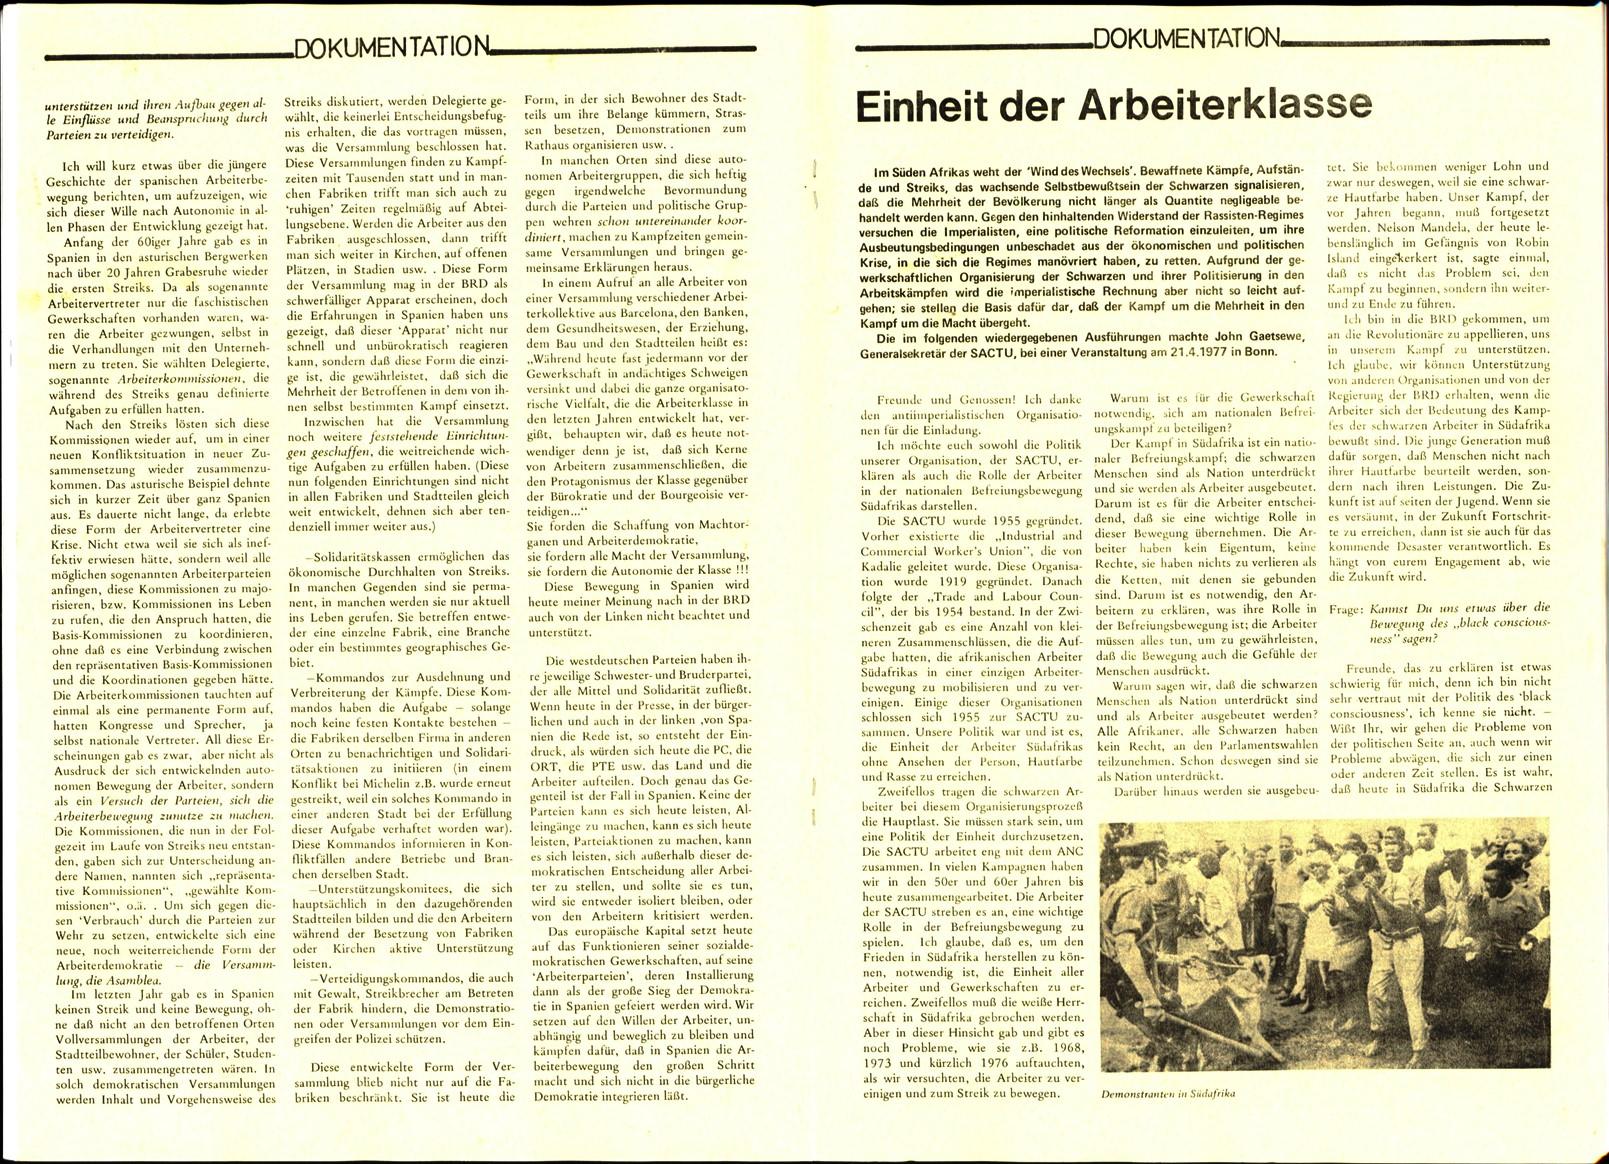 Bonn_ZAFRA_04_19770600_16